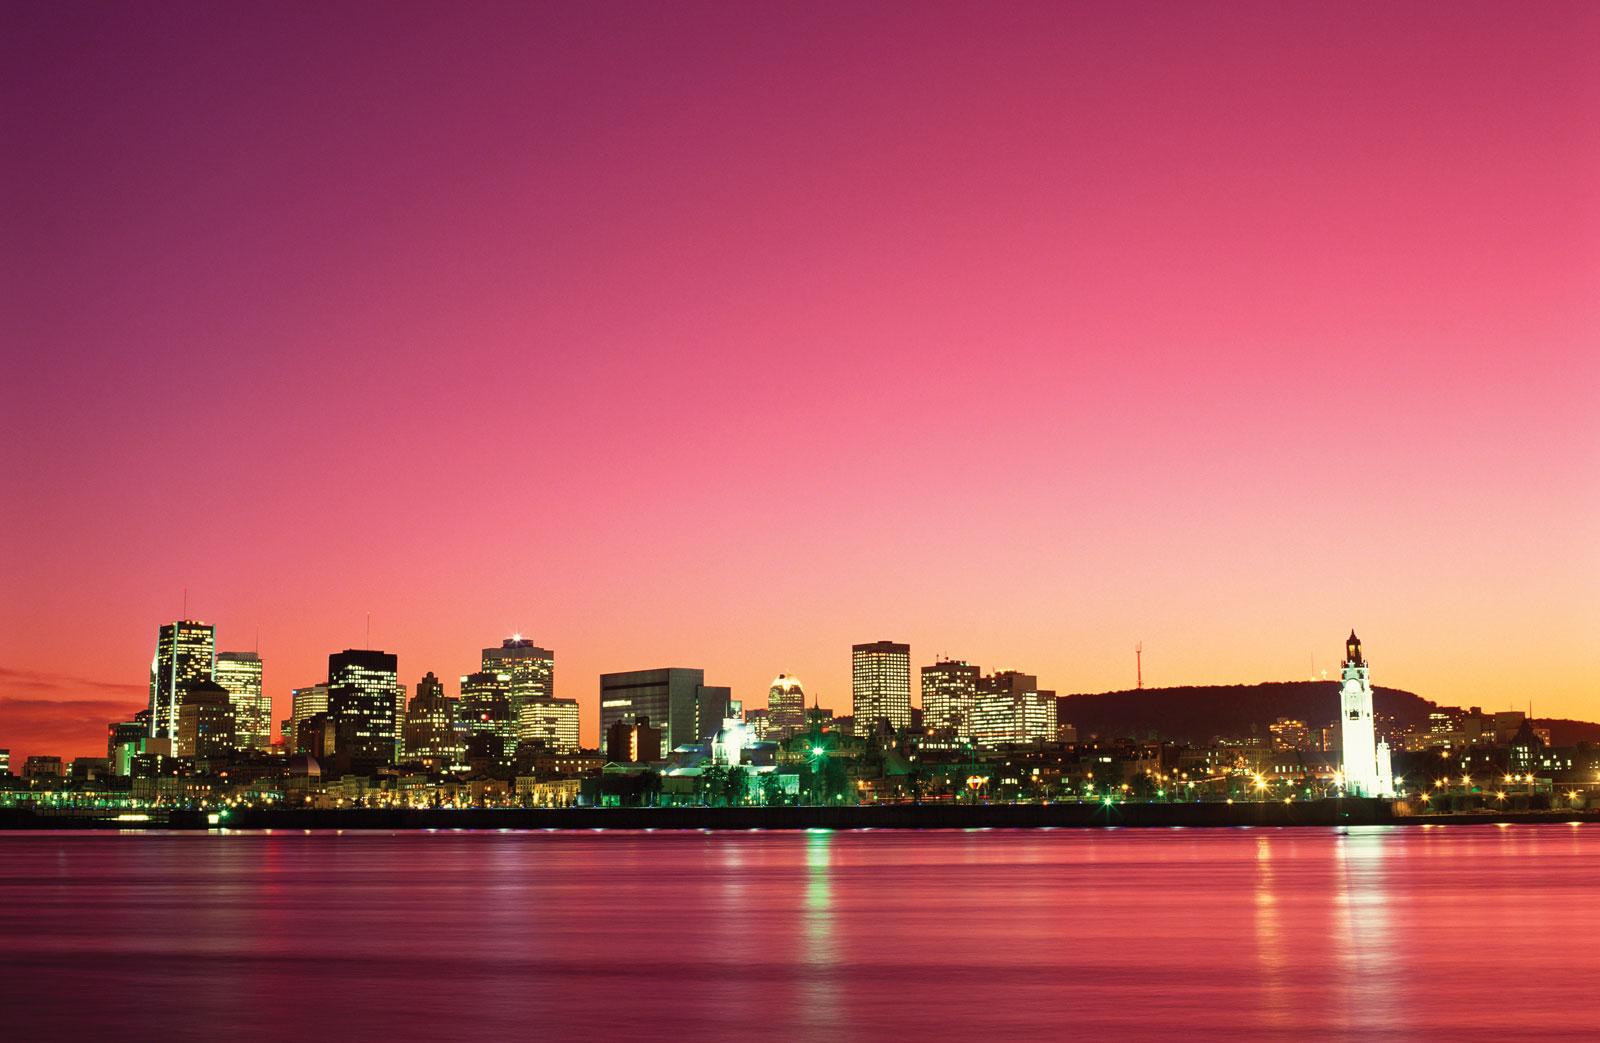 Discussion Ou trouver un cadre du skyline de Montreal 1600x1043